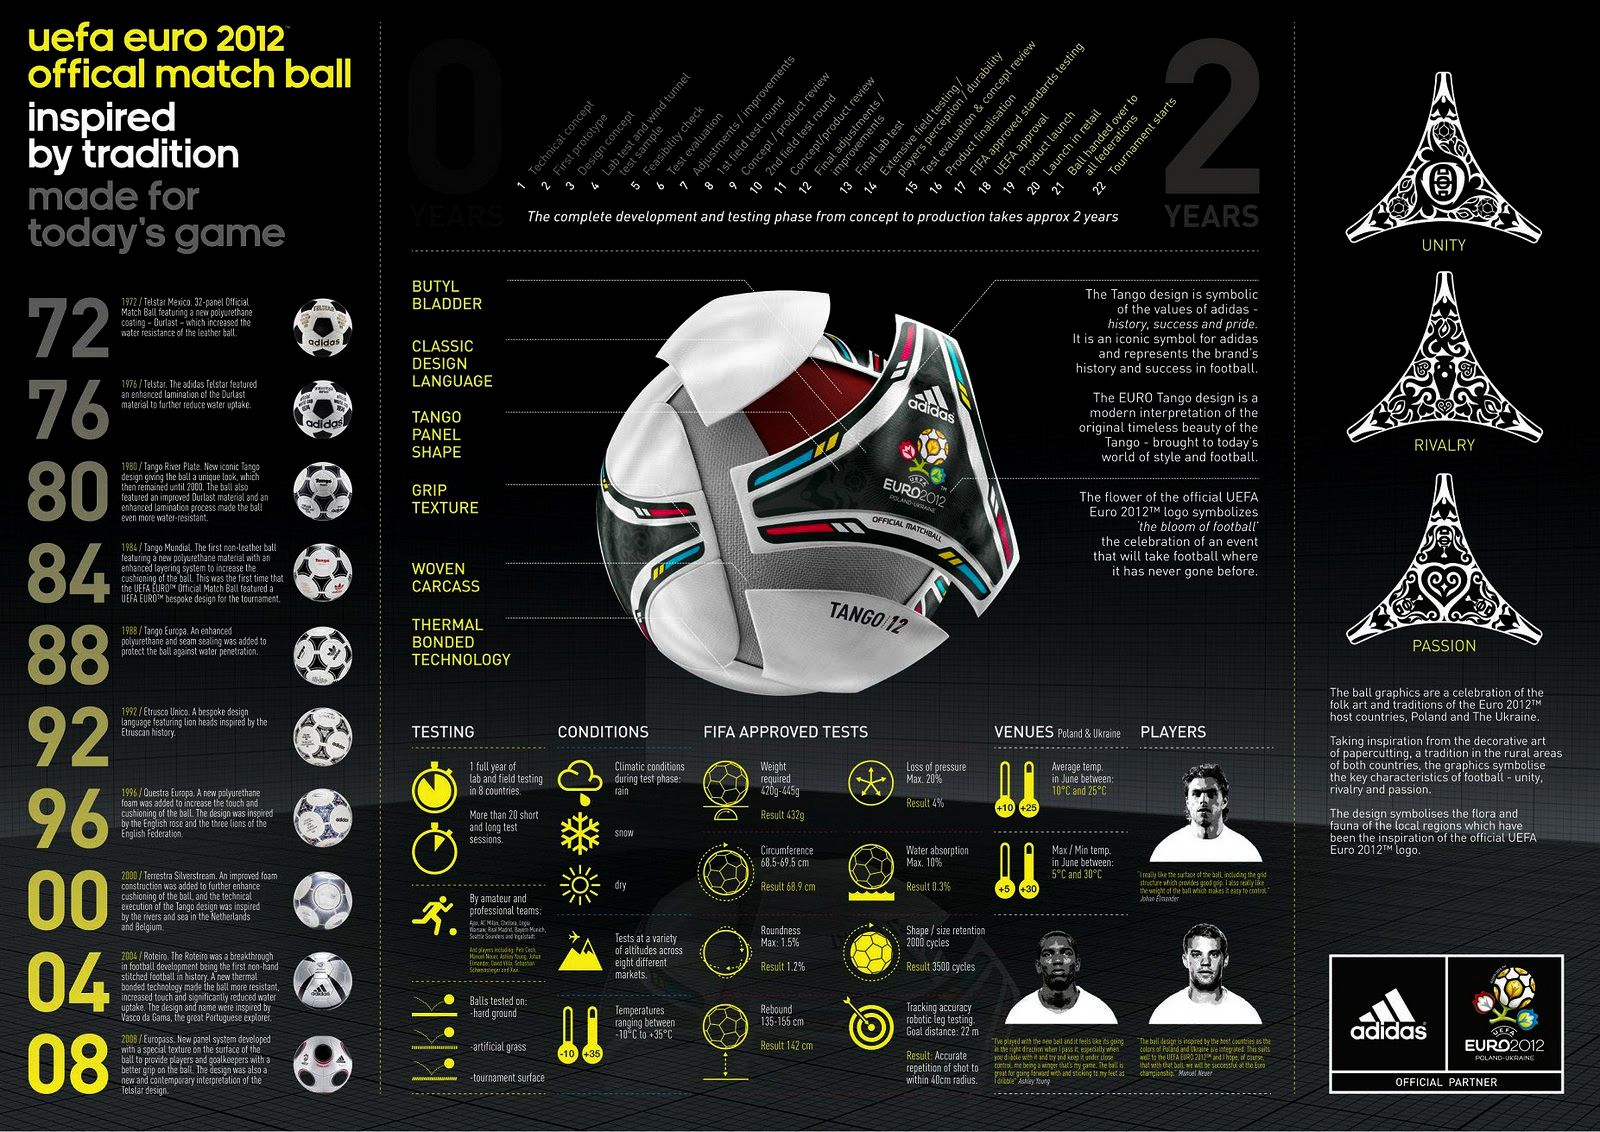 Infografia UEFA #Euro2012 Official Match Ball